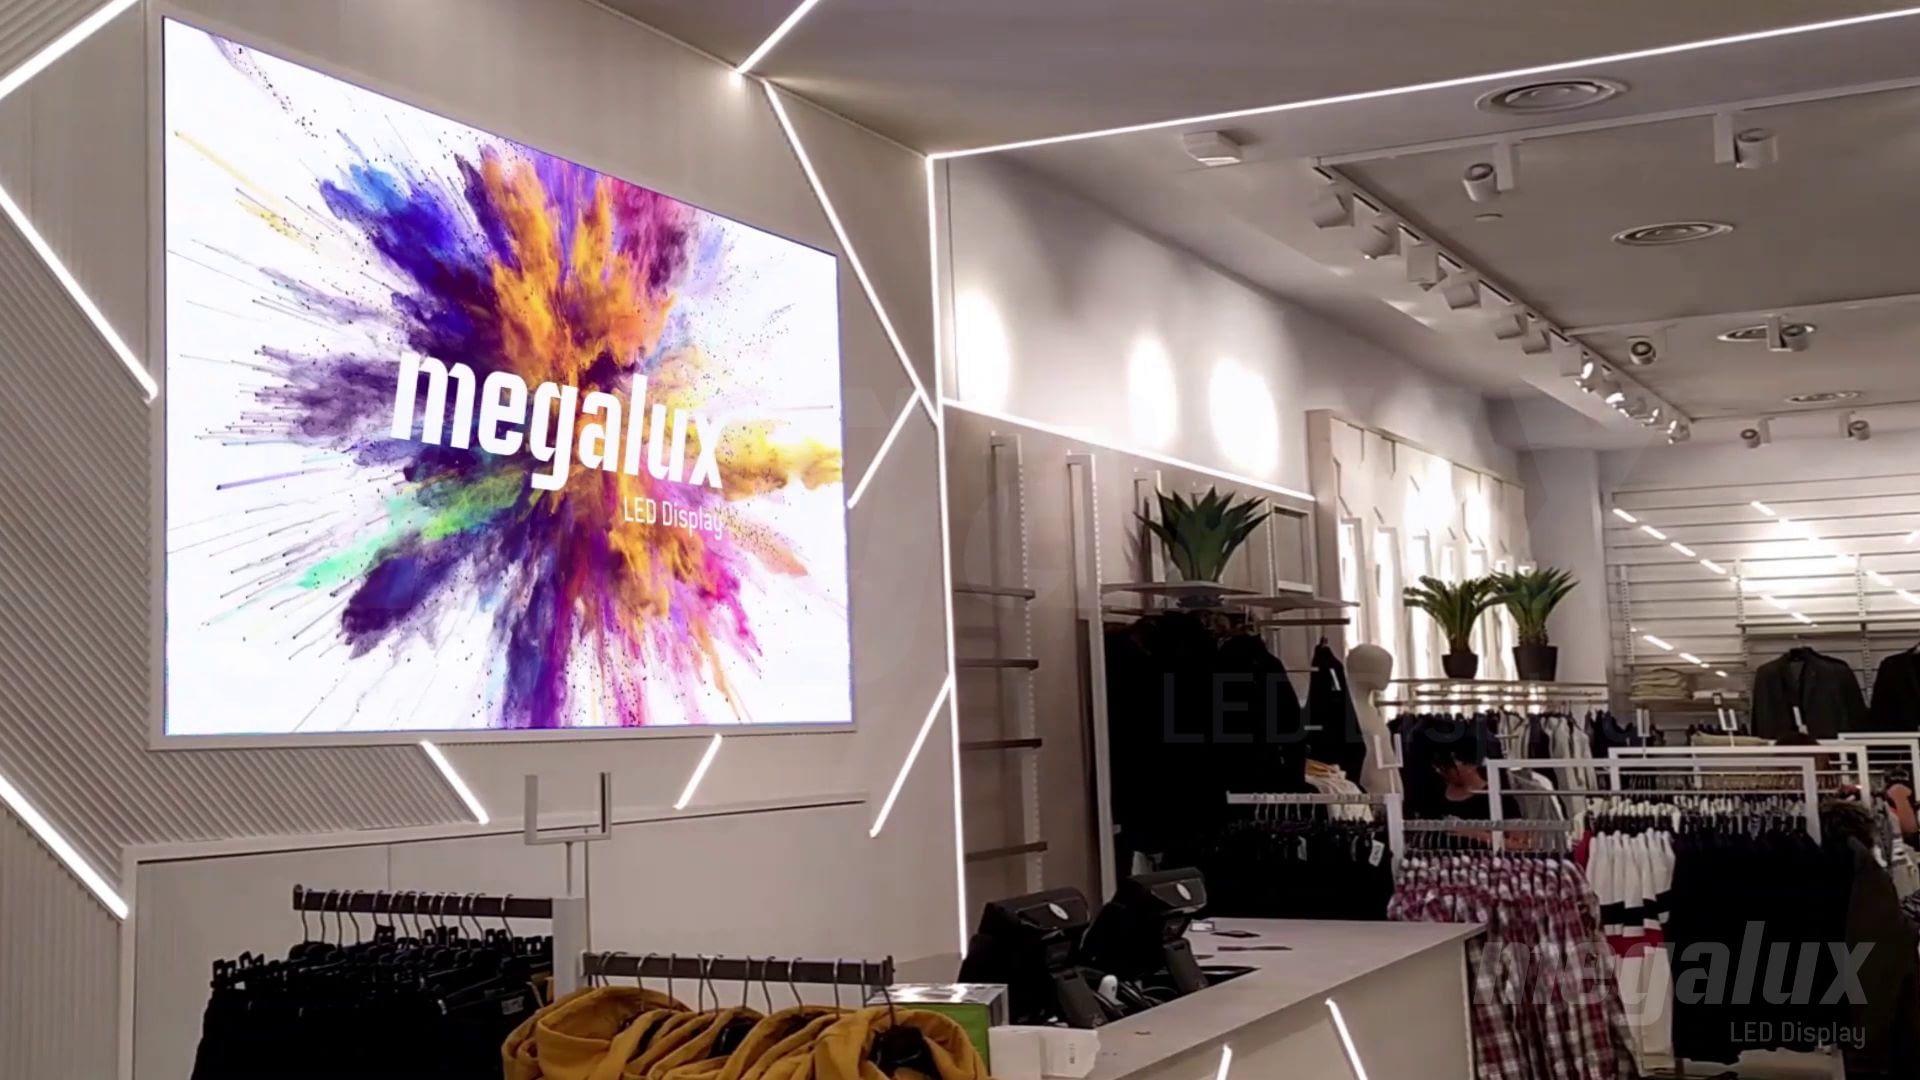 JVZ Sevilla abre sus puertas con una gran pantalla LED publictaria de Megalux